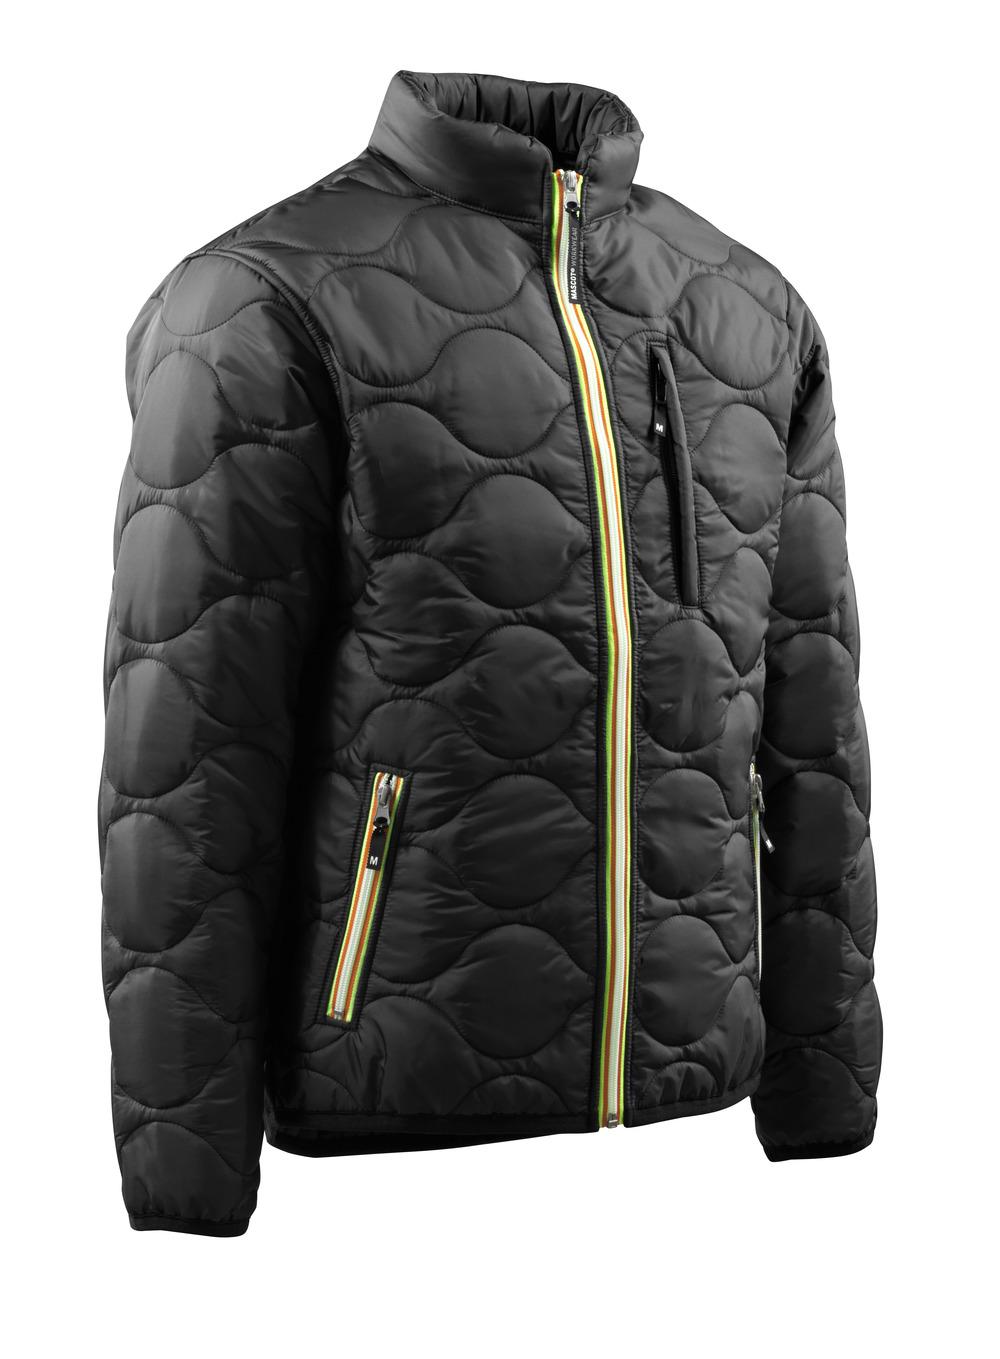 cb90a2c3 Termotøj – Køb MASCOT bukser, jakke, vest eller andet i termo